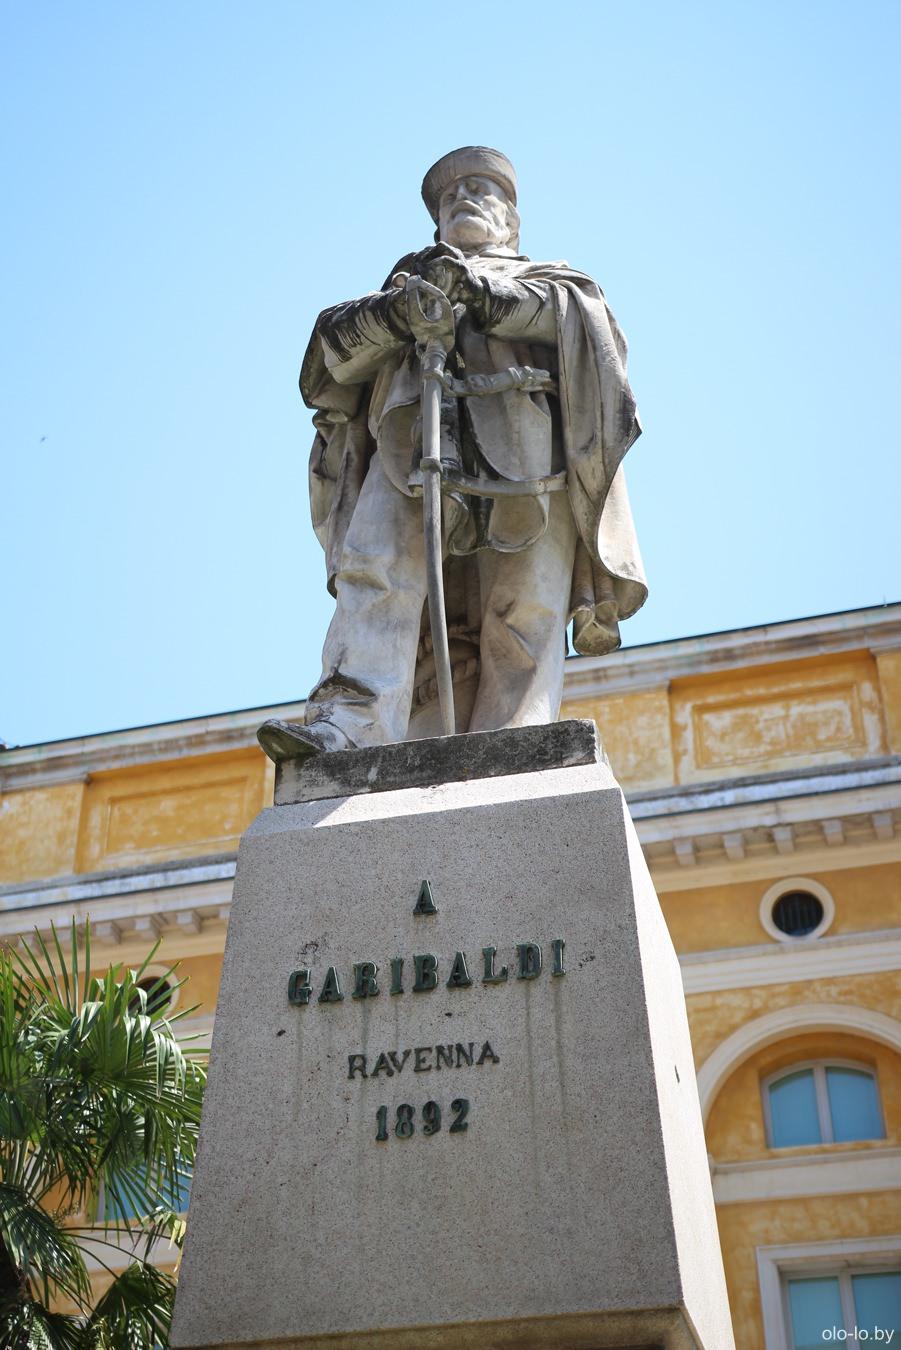 Памятник Гарибальди, Равенна